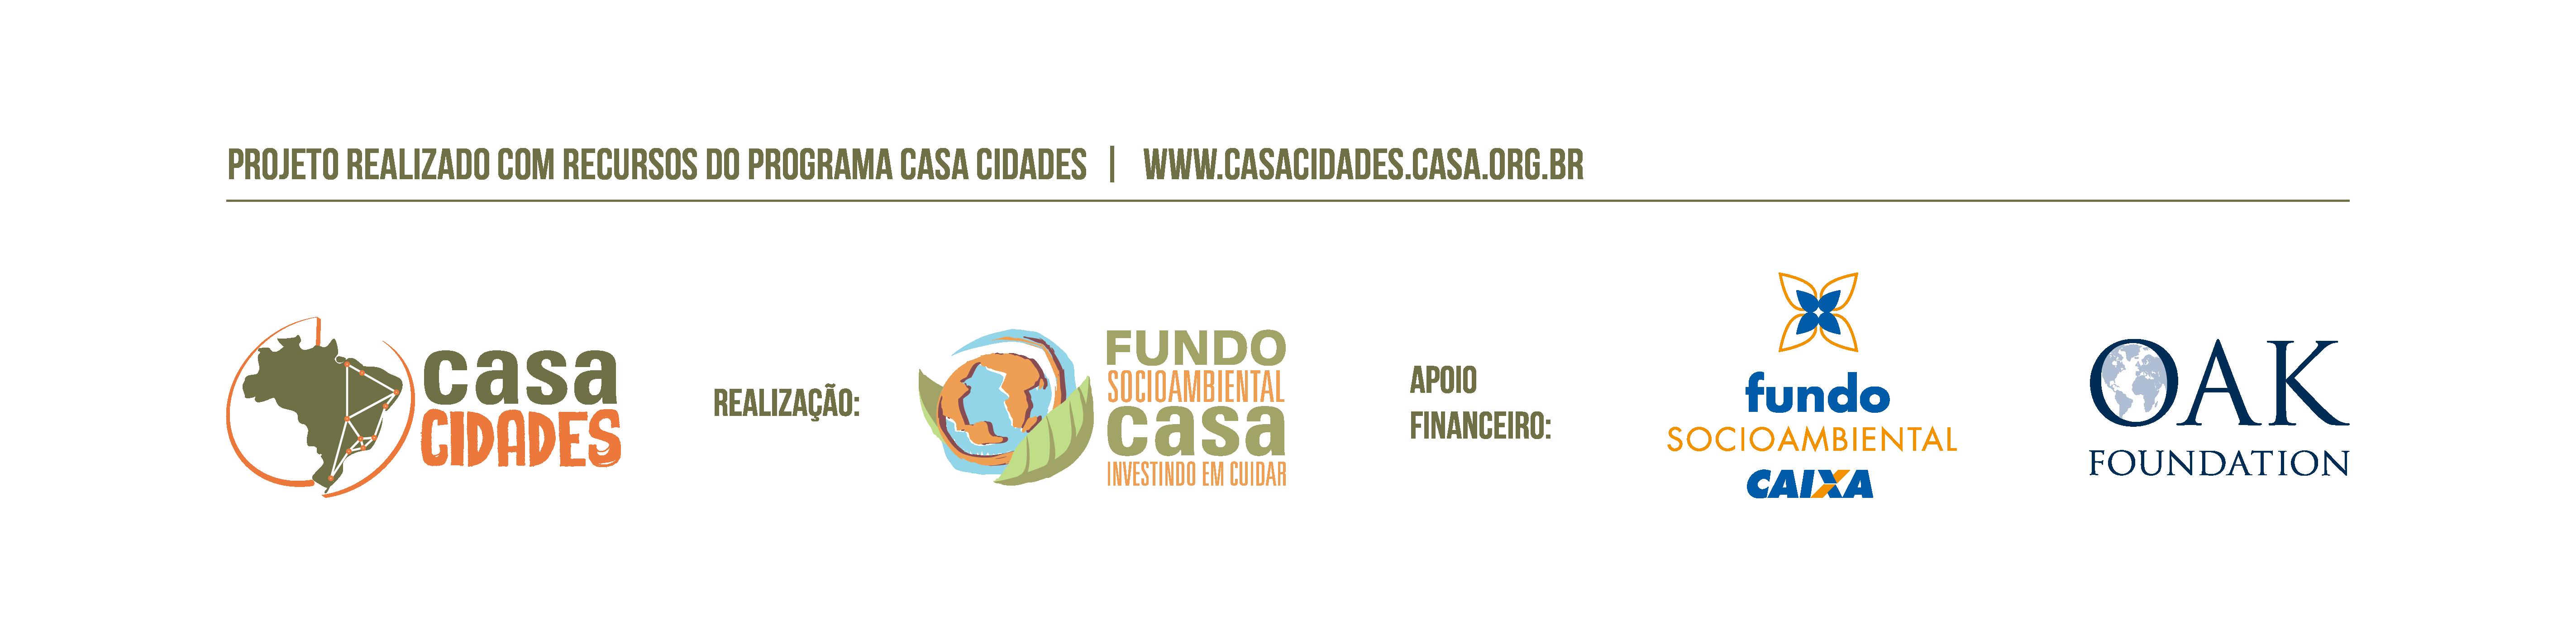 kit de logos CASA Cidades